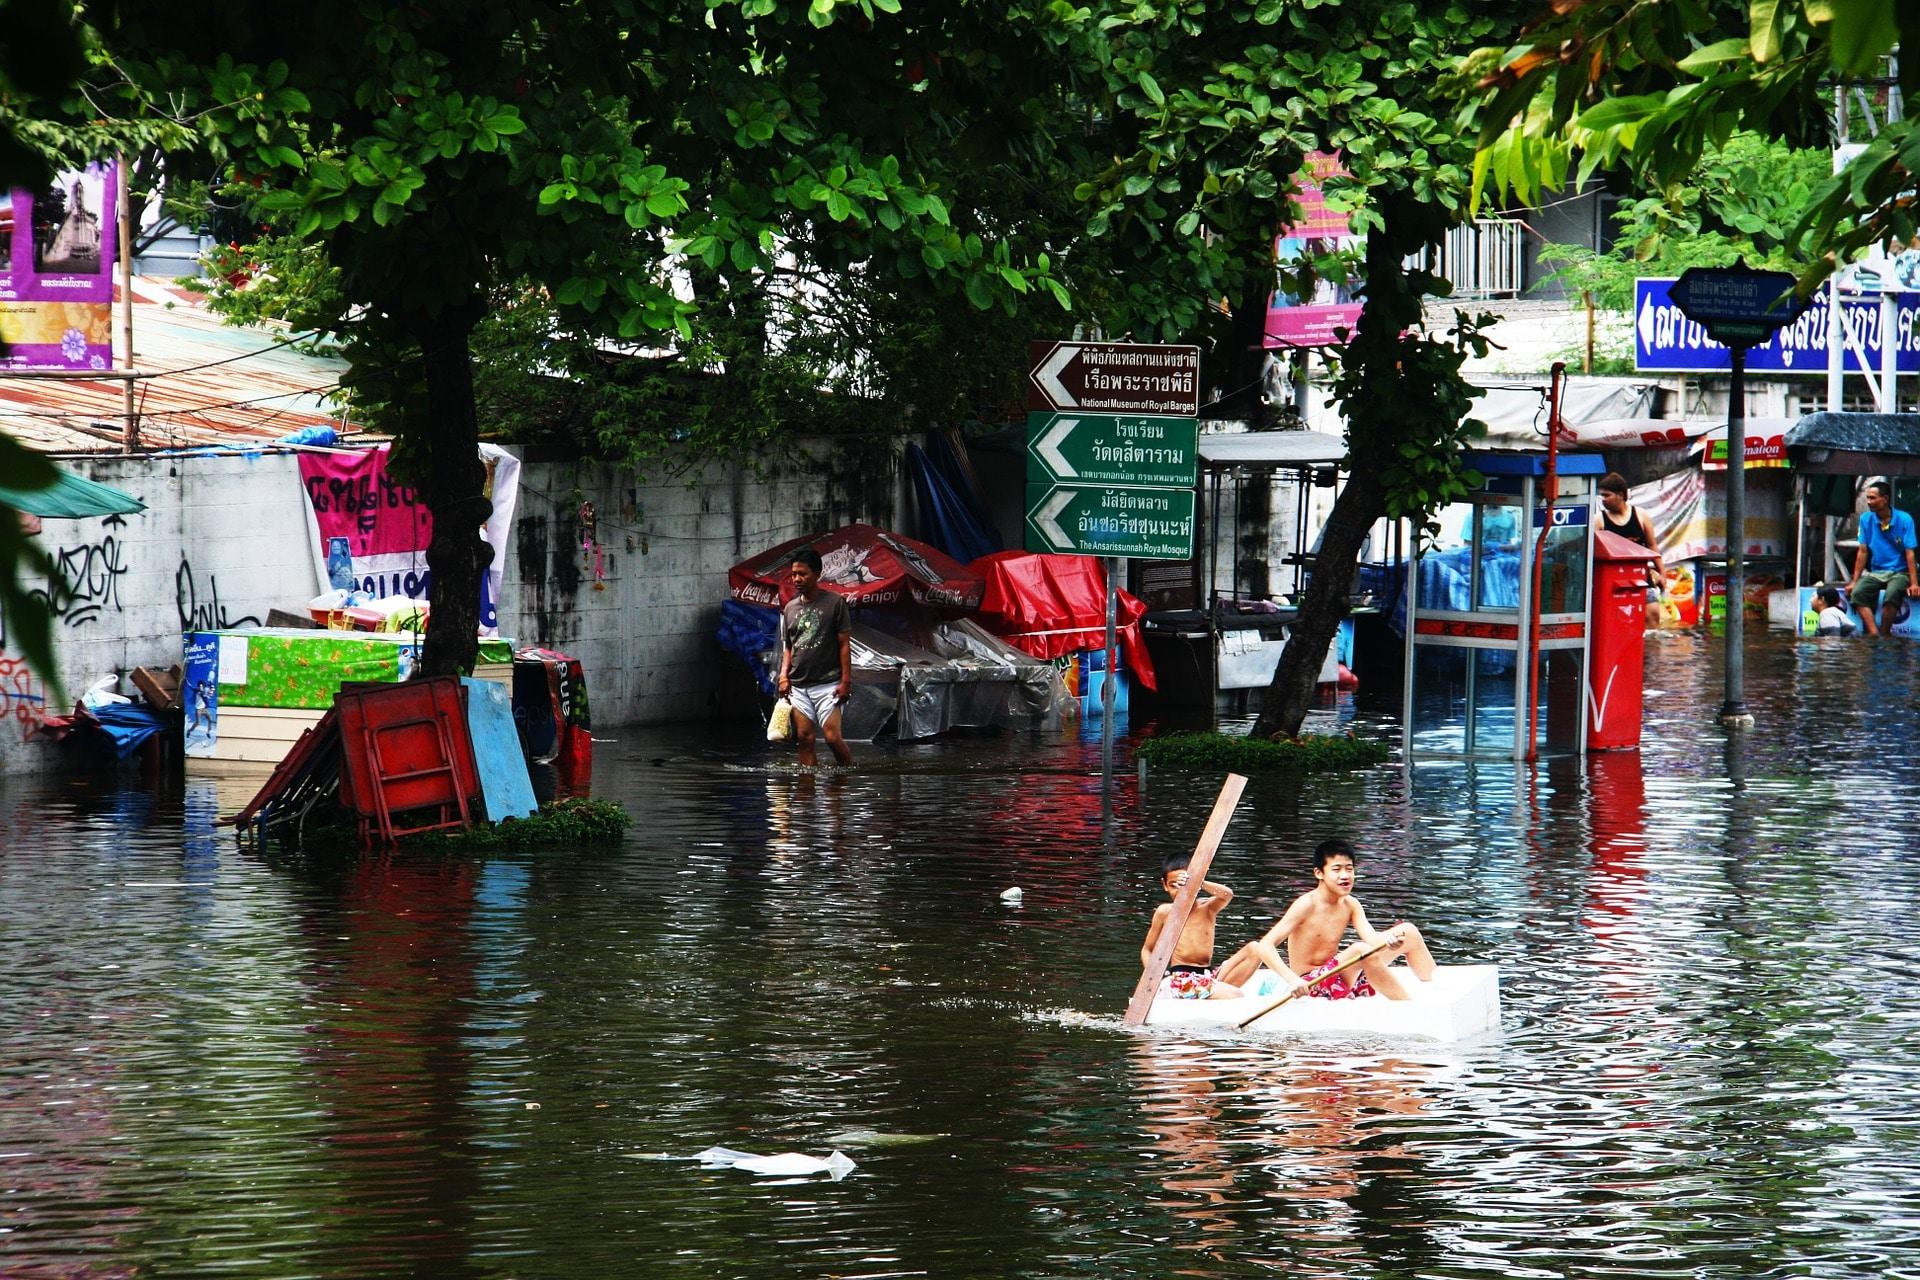 Cidade alagada após enchente. Muitos elementos das ruas estão quase submersos e duas crianças remam em meio à água em um barco improvisado.